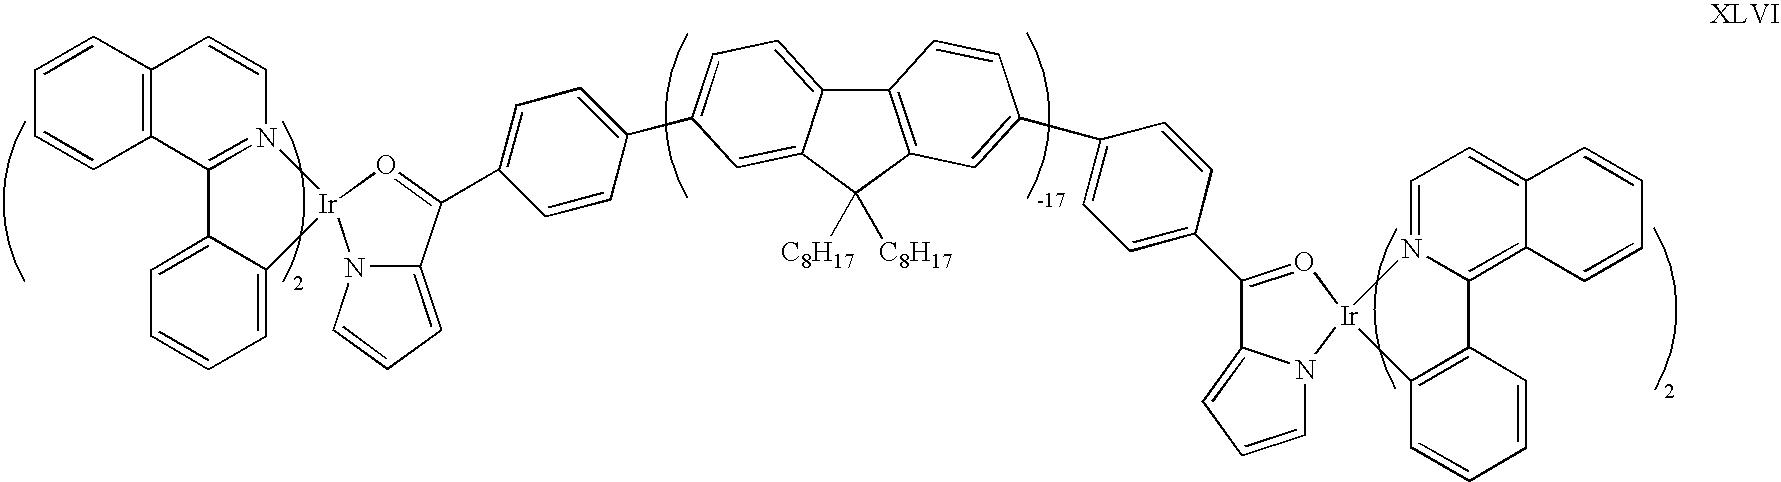 Figure US07691494-20100406-C00167